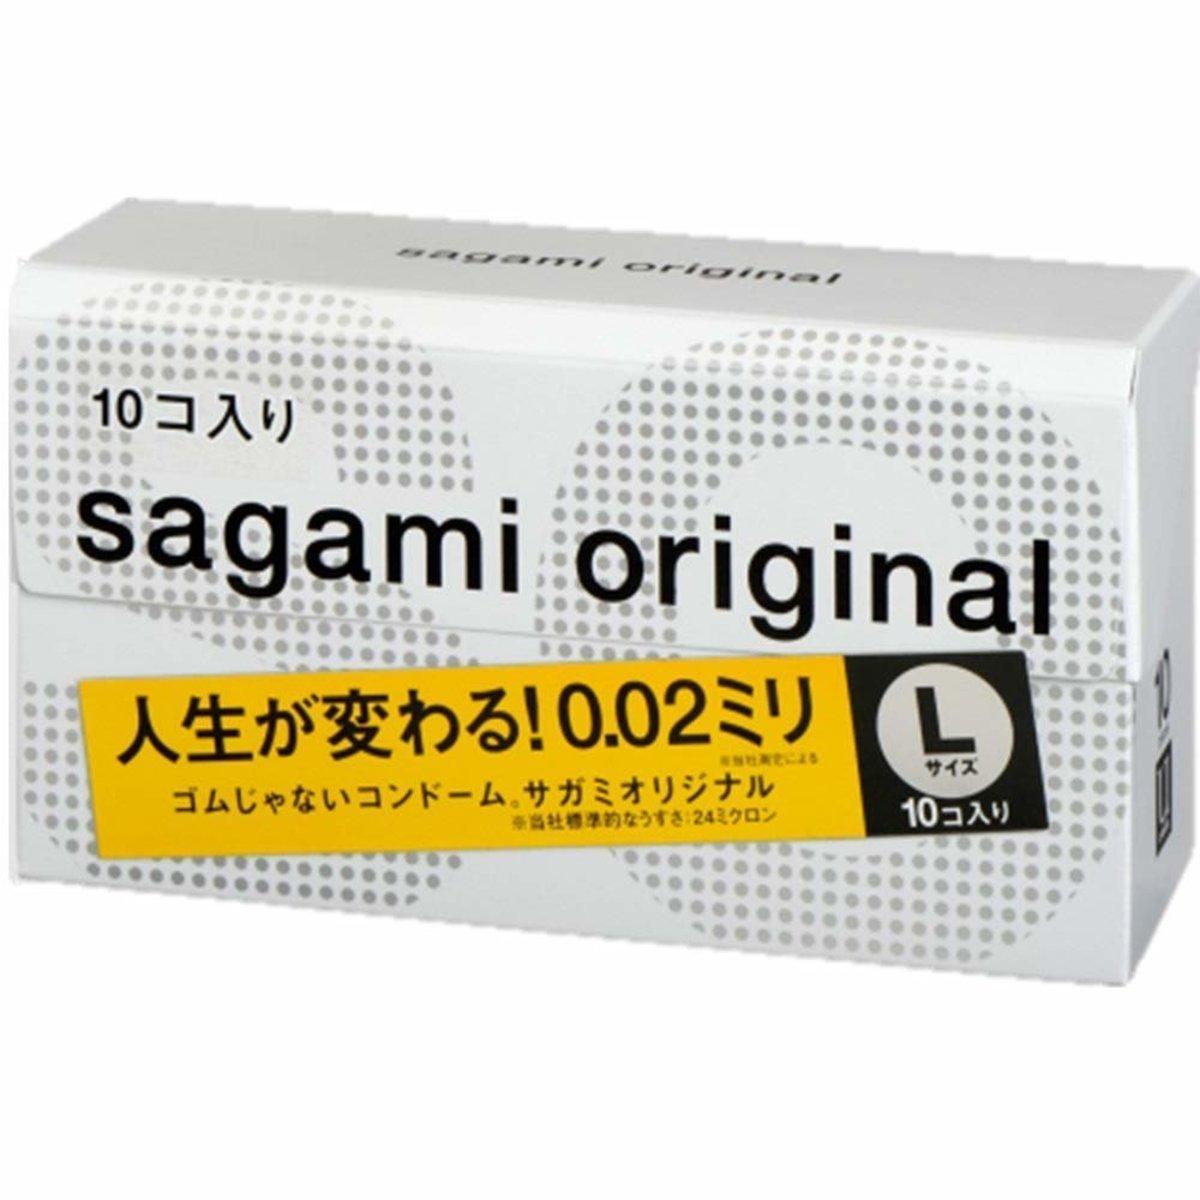 【10片裝】SAGAMI ORIGINAL 相模原創 0.02 大碼 安全套